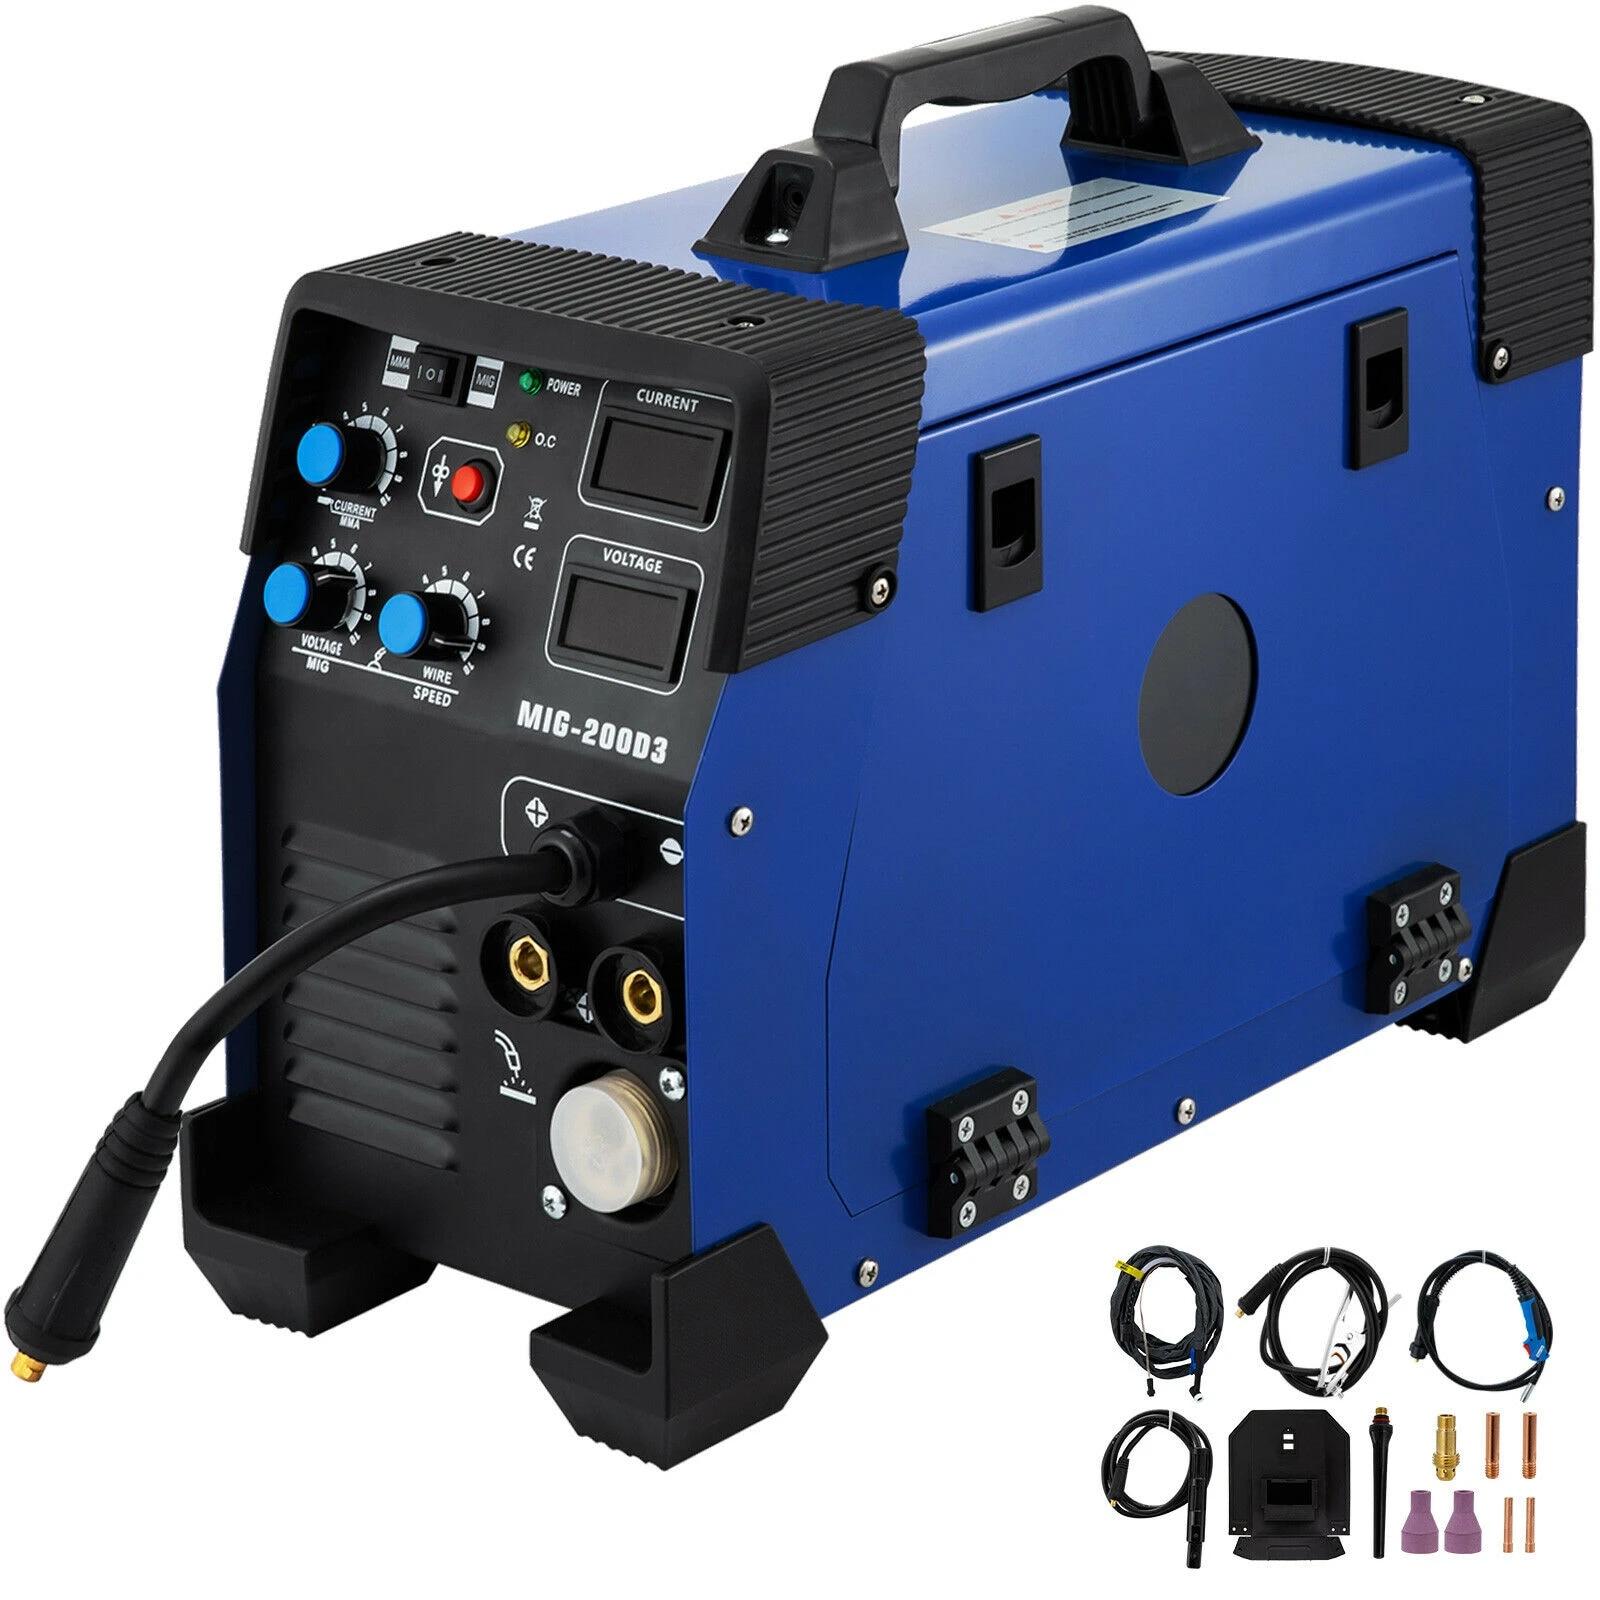 VEVOR Soldadora Inversora 1 Fase 220 V /± 10/% 20-200 A IP21S M/áquina de Soldadura TIG Inverter con Panel de Monitor LCD para Soldar Acero TIG y STICK//MMA Multifunci/ón Combo 3 en 1 Soldadora MIG